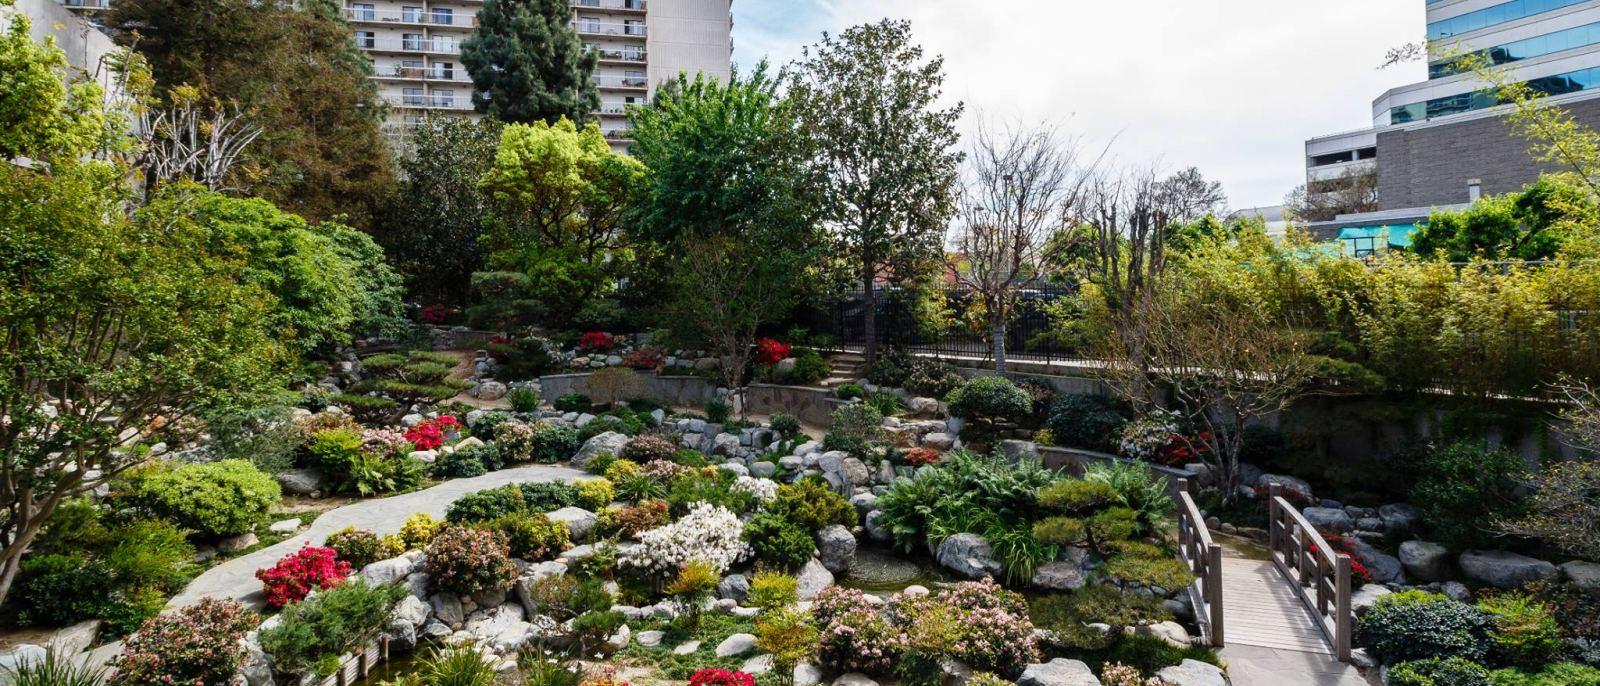 Merveilleux Garden Decorating Ideas